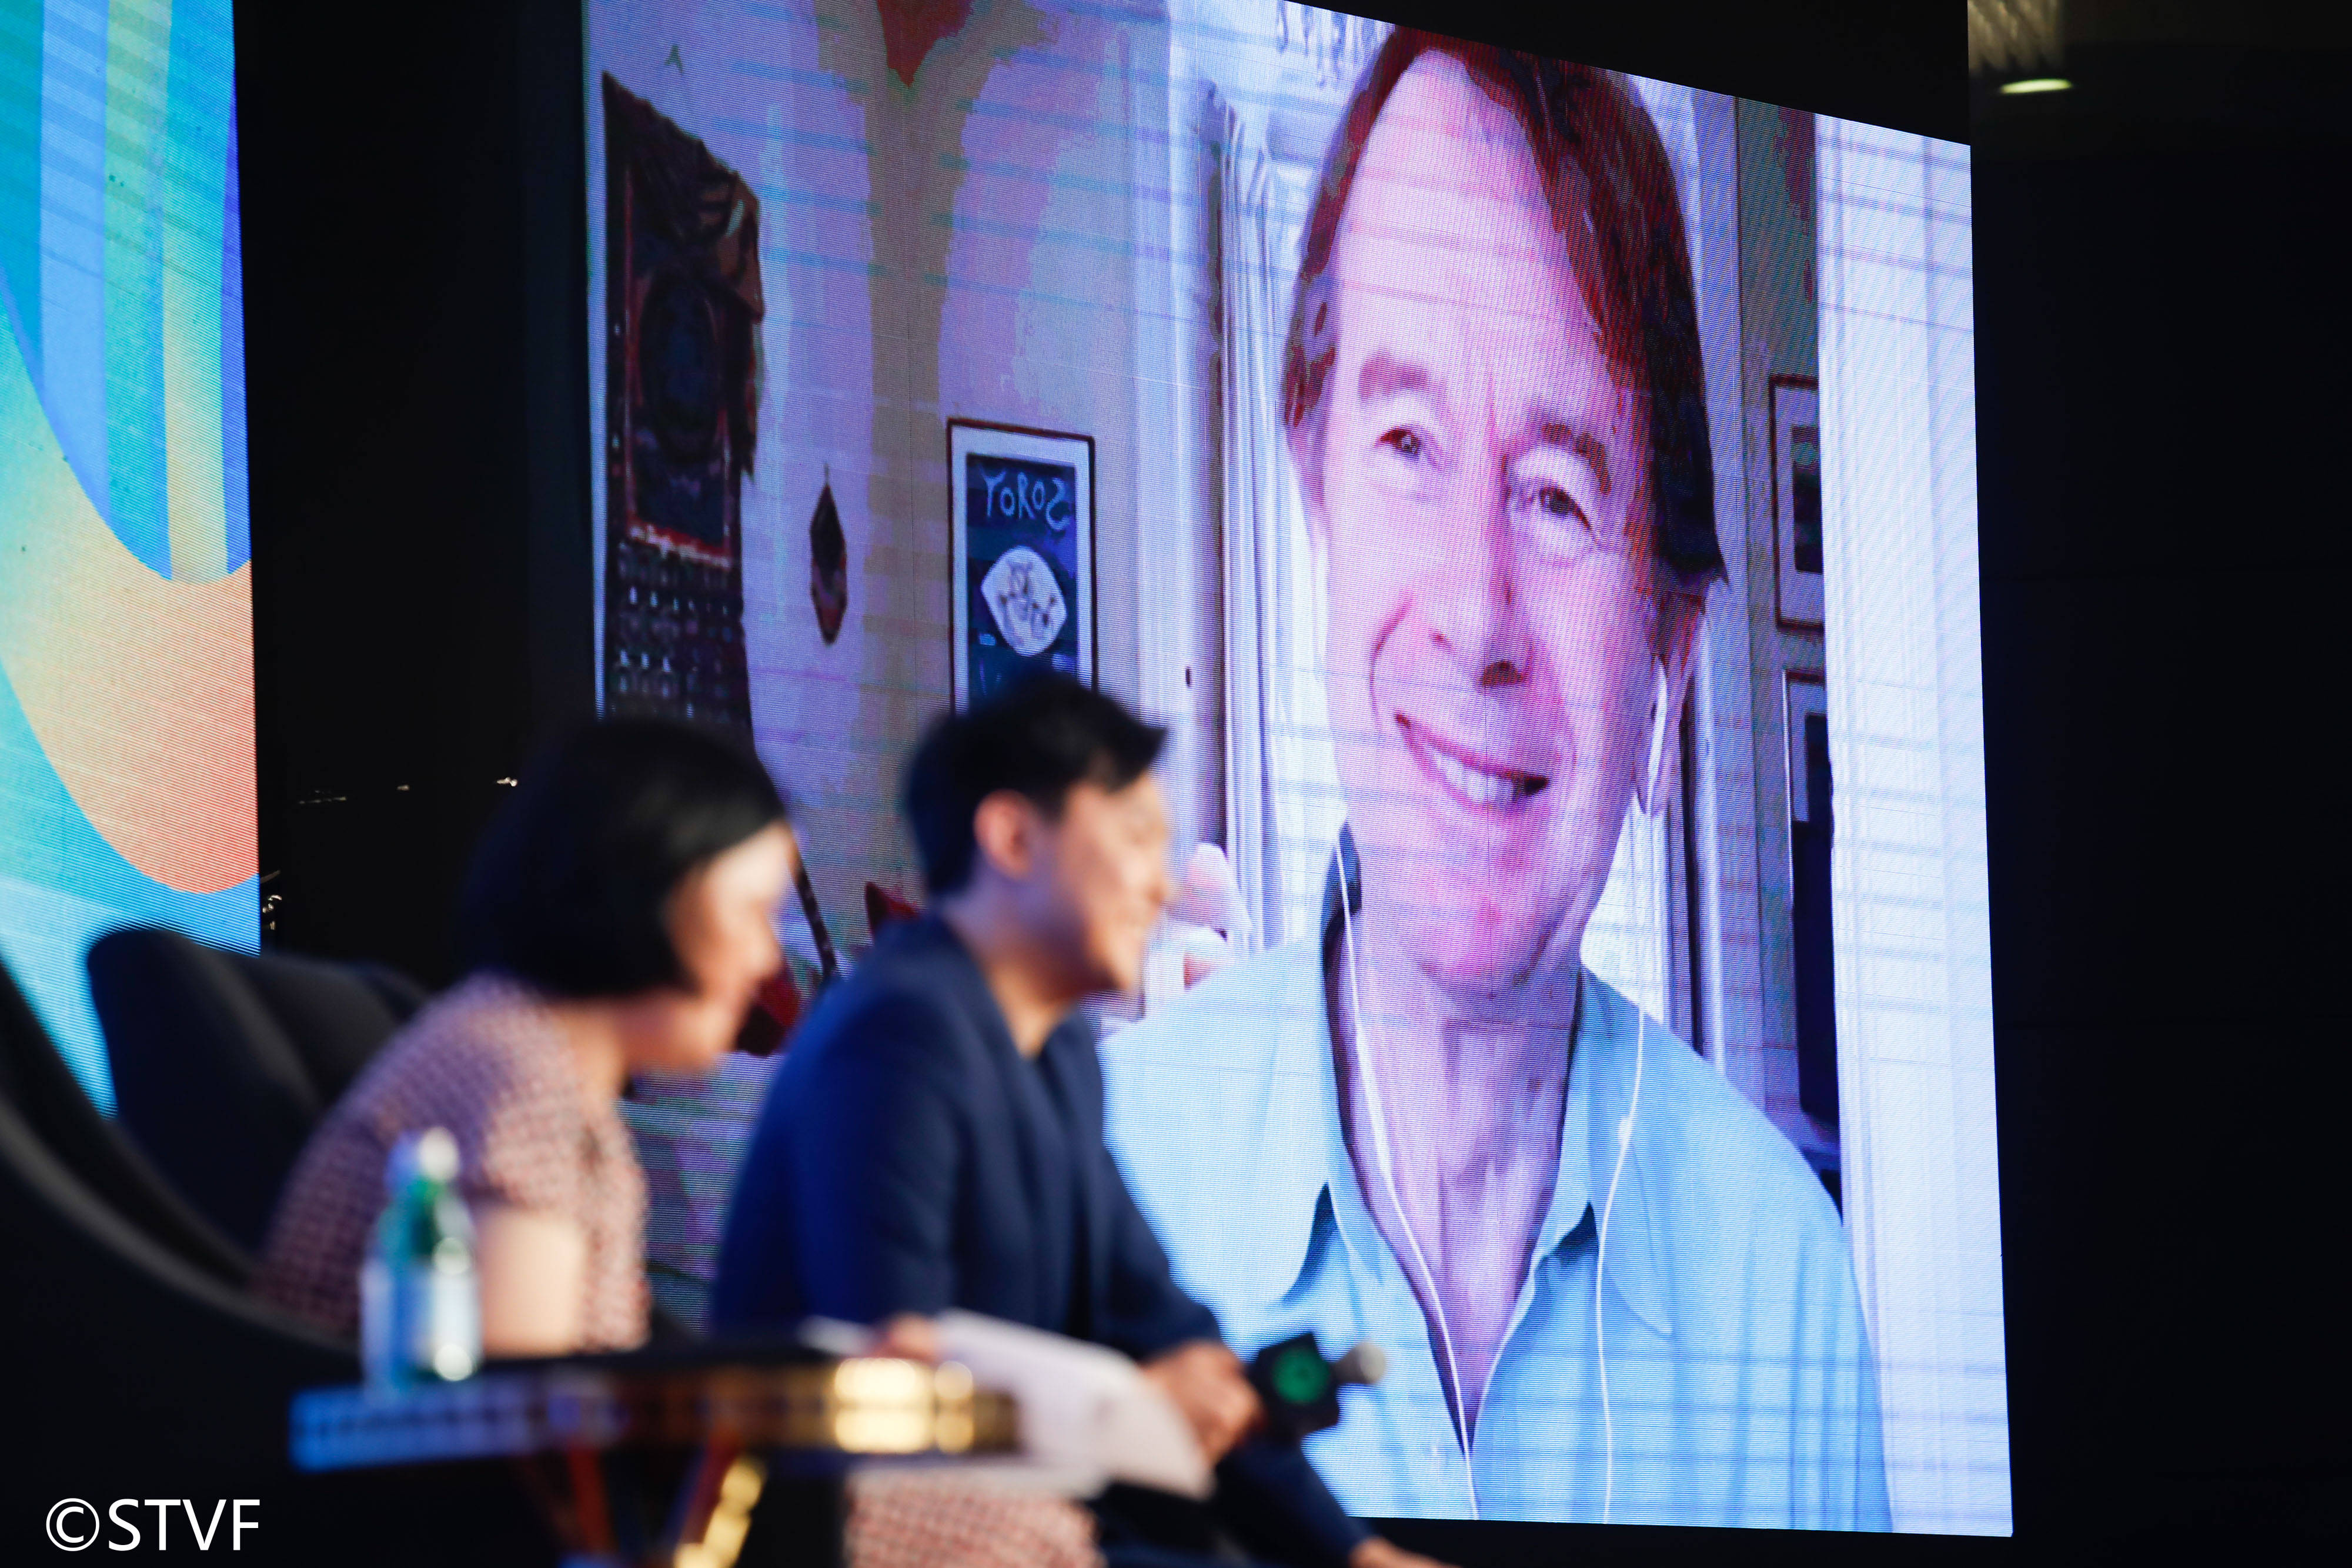 上海电视节|外国人如何理解杜甫?唤起跨文化的同理心